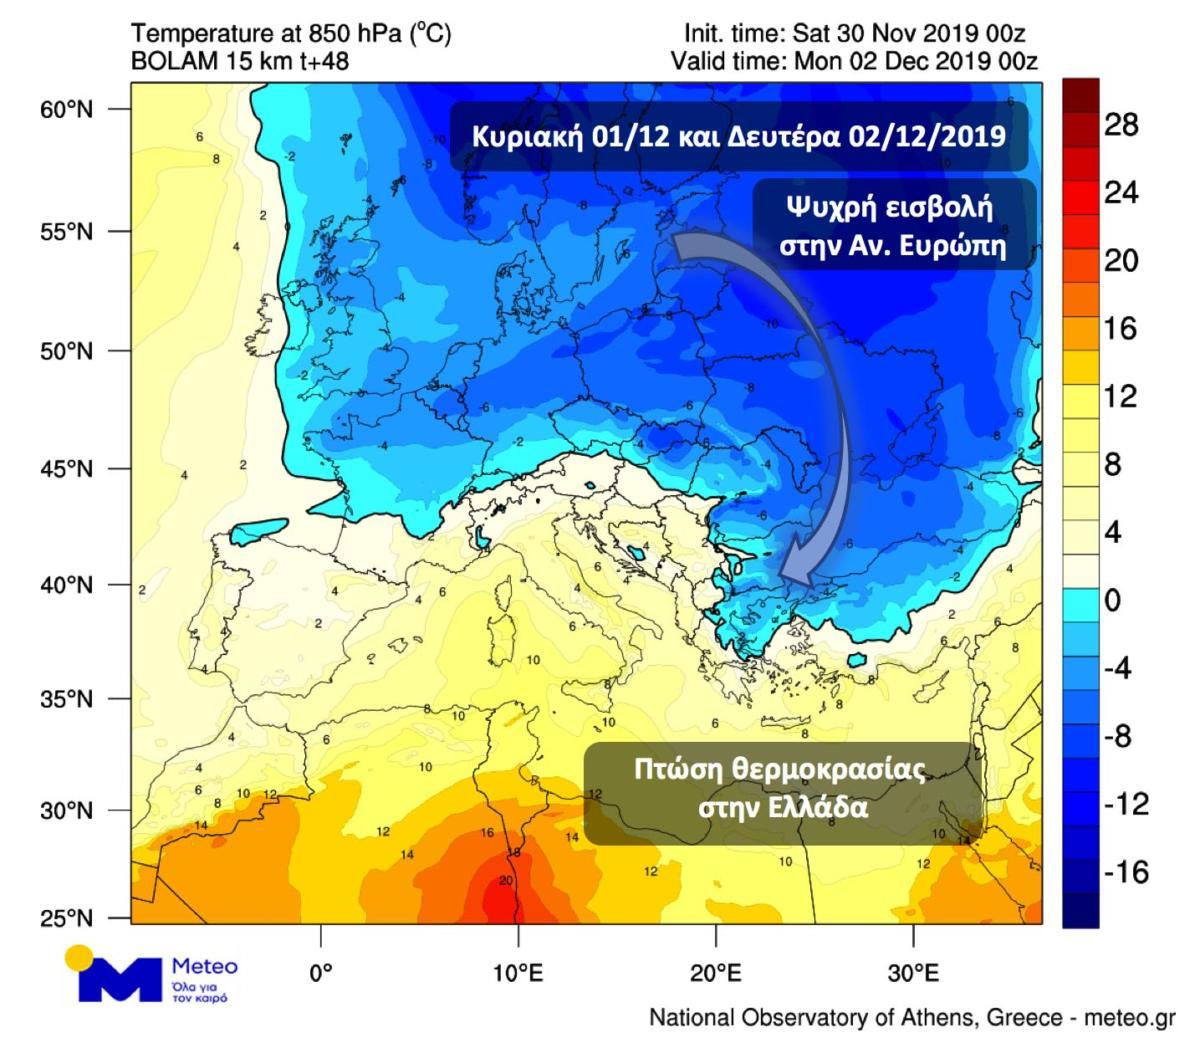 Καιρός: Ψυχρό μέτωπο από την Αρκτική ρίχνει τη θερμοκρασία μέχρι και 10 βαθμούς! – Βροχές αύριο στην Κρήτη